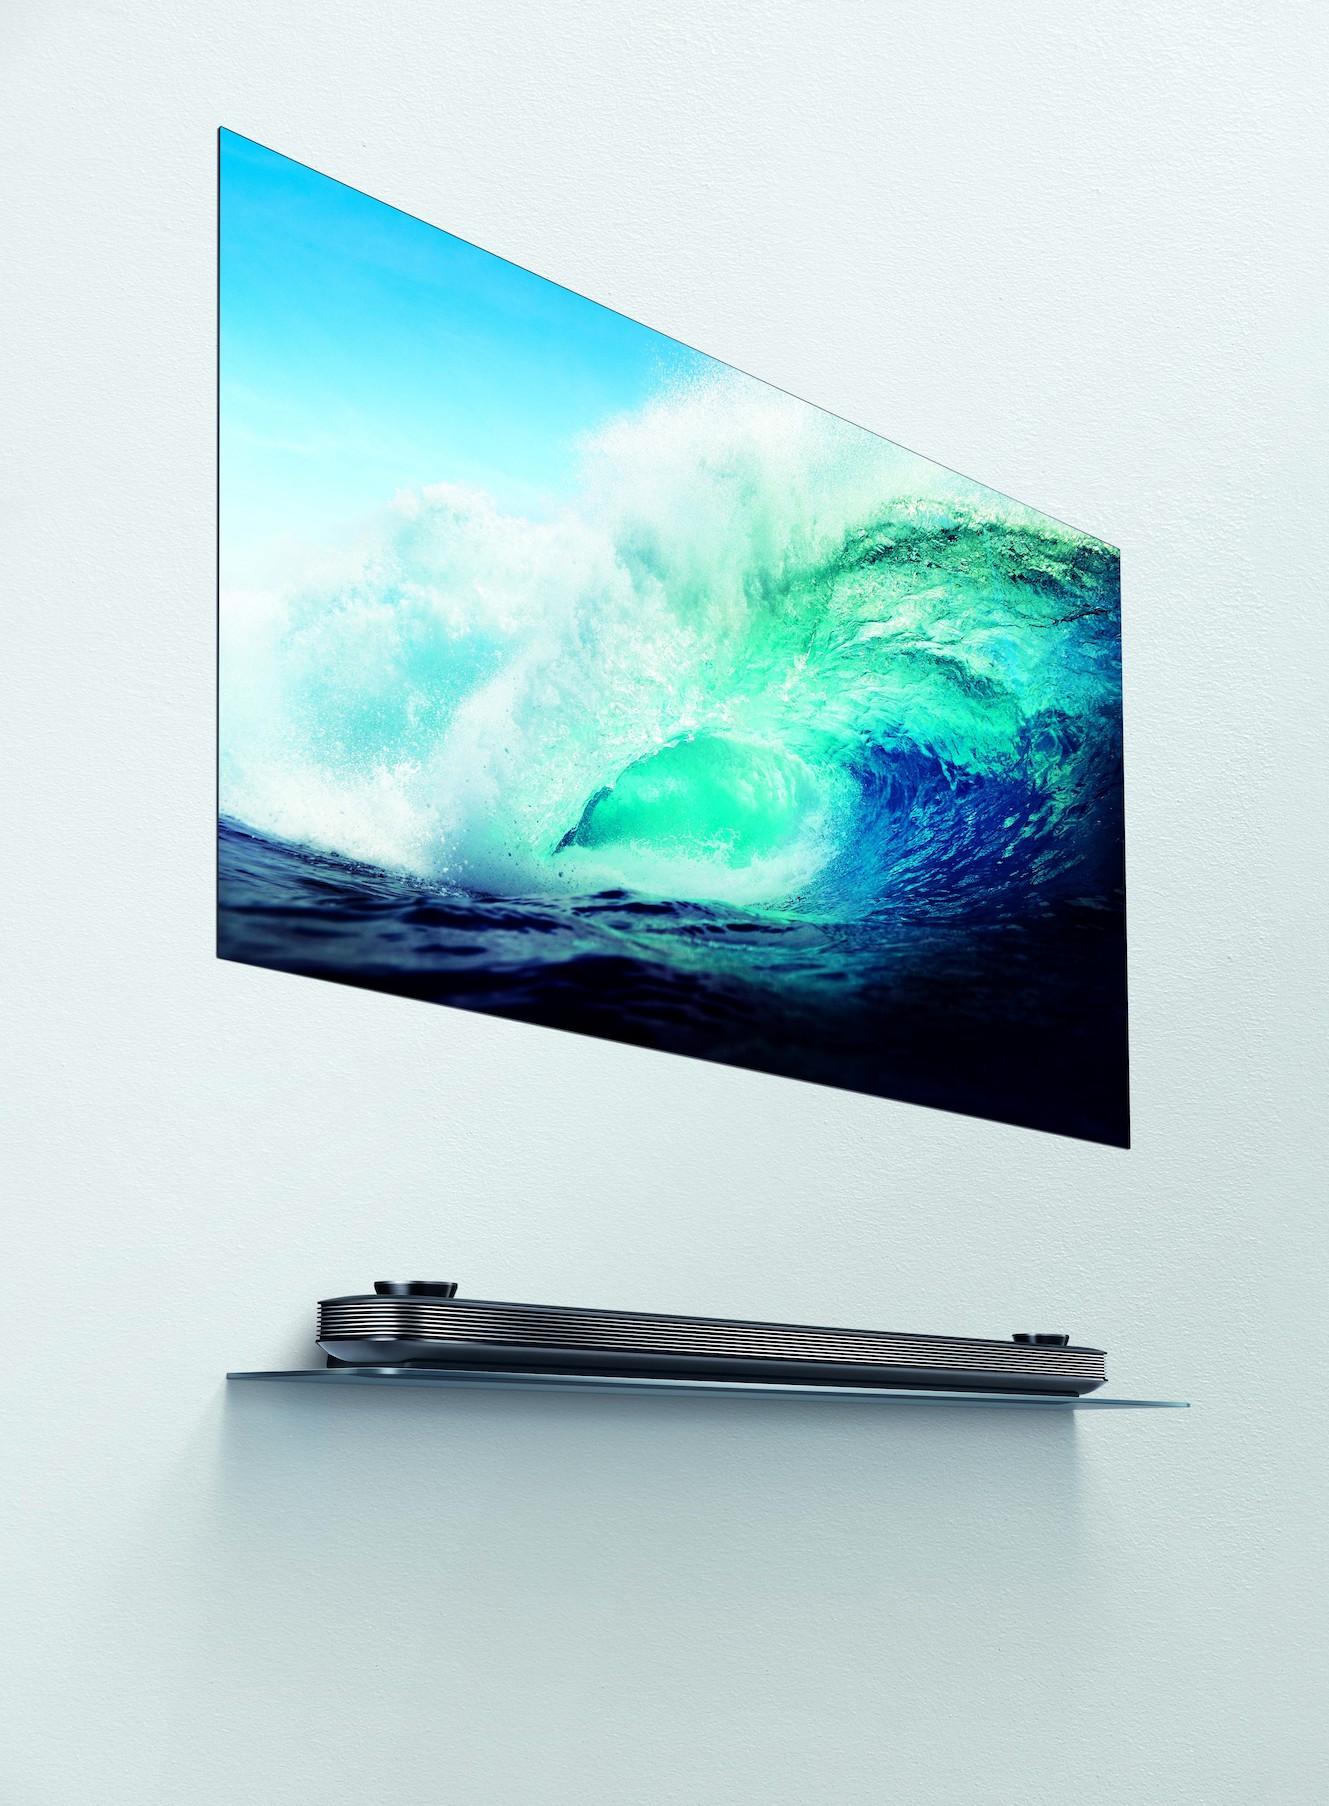 ad7088191 Model LG SIGNATURE OLED TV W spoločnosti LG Electronics bol podľa  amerických spotrebiteľov ohodnotený ako najlepší televízor.